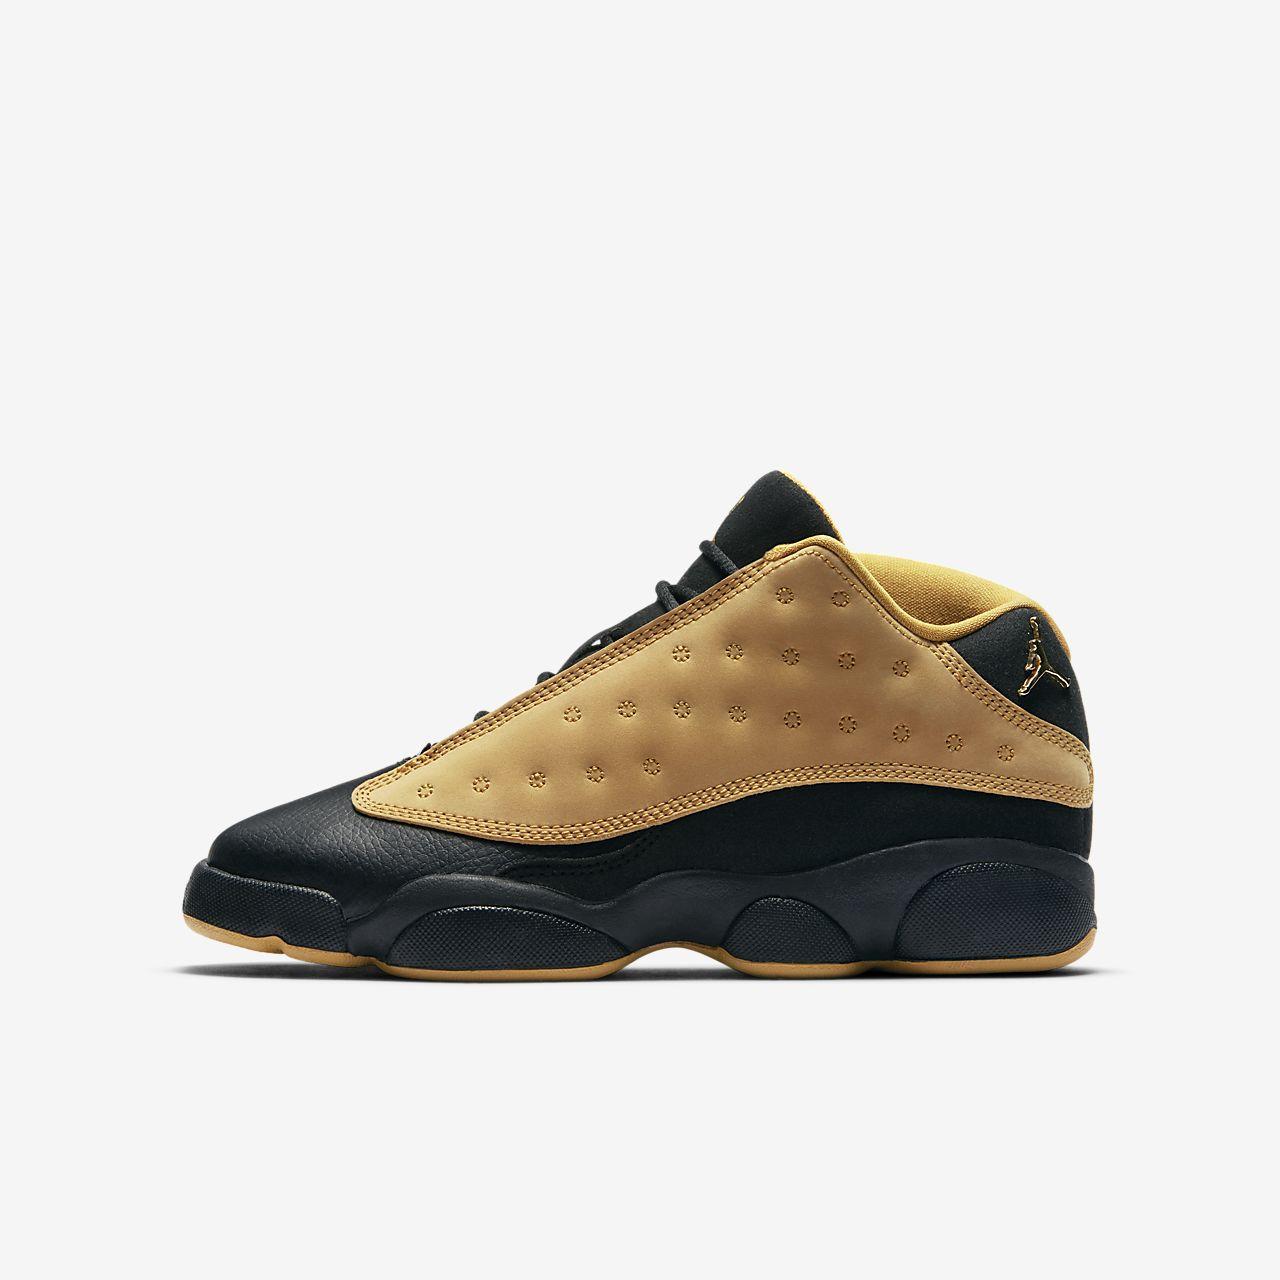 Air Jordan 13 Retro Low Older Kids' Shoe